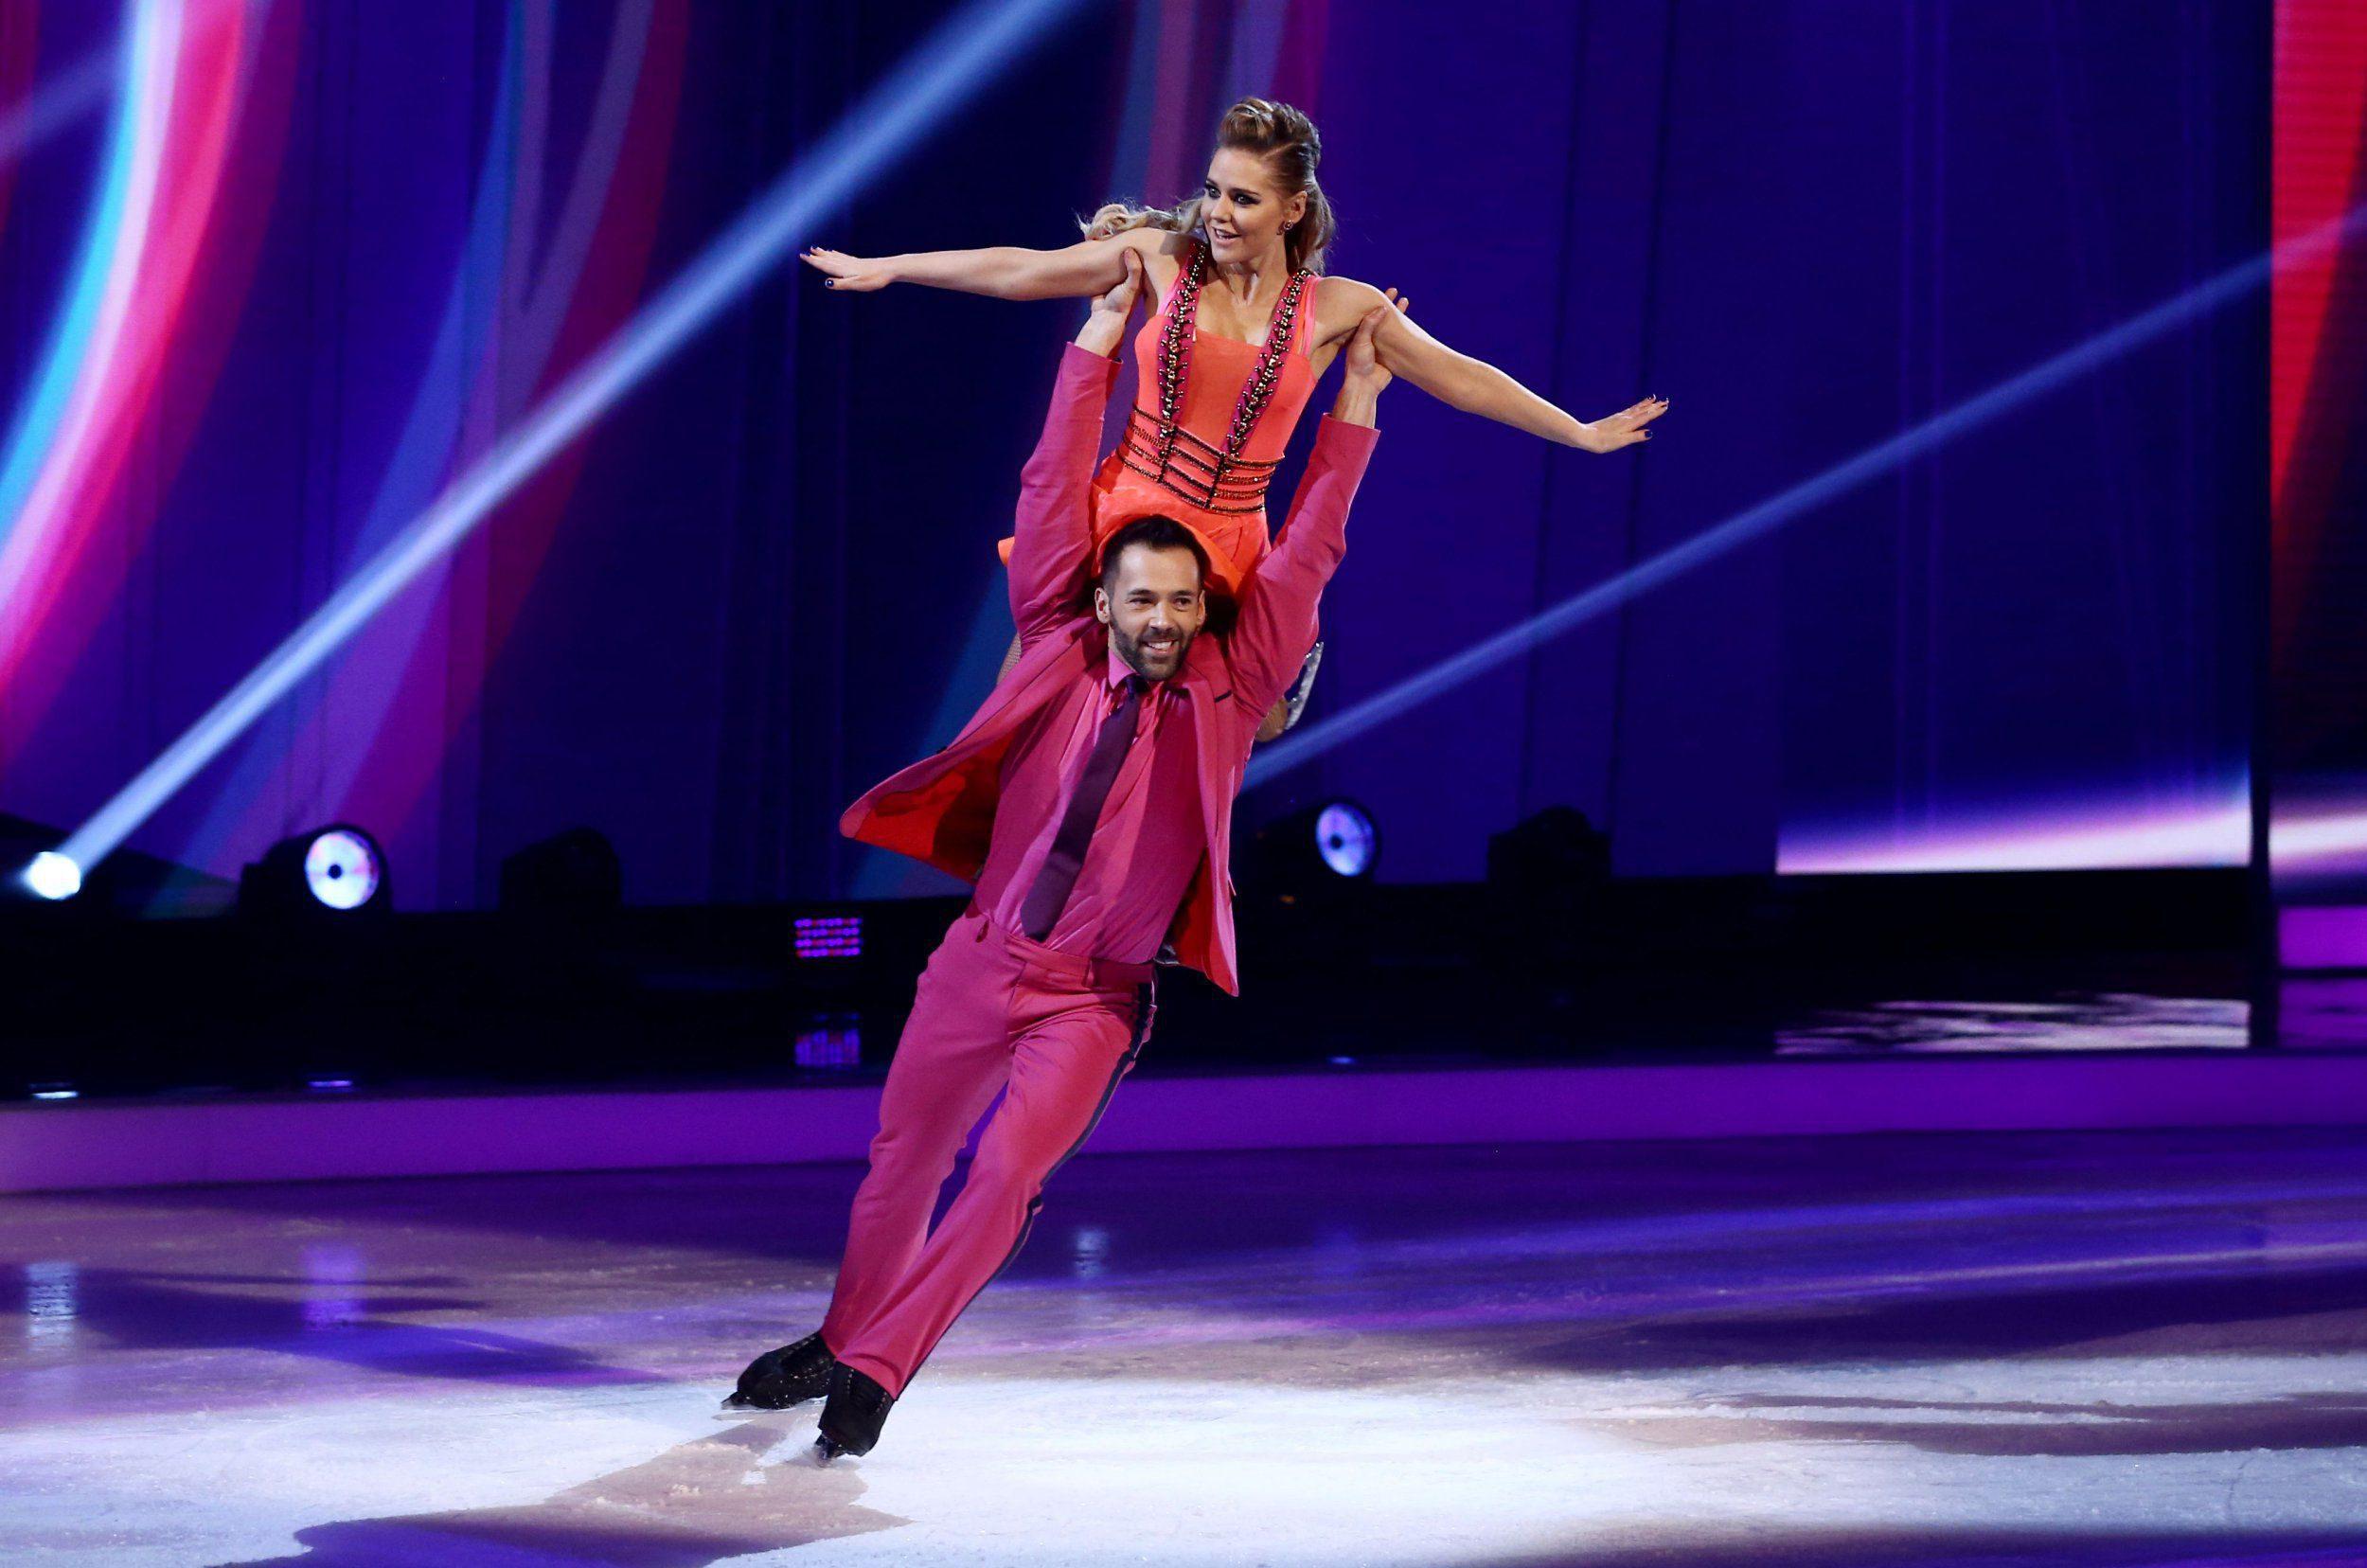 Sylvan danza su Ice dating datare qualcuno denti cattivi